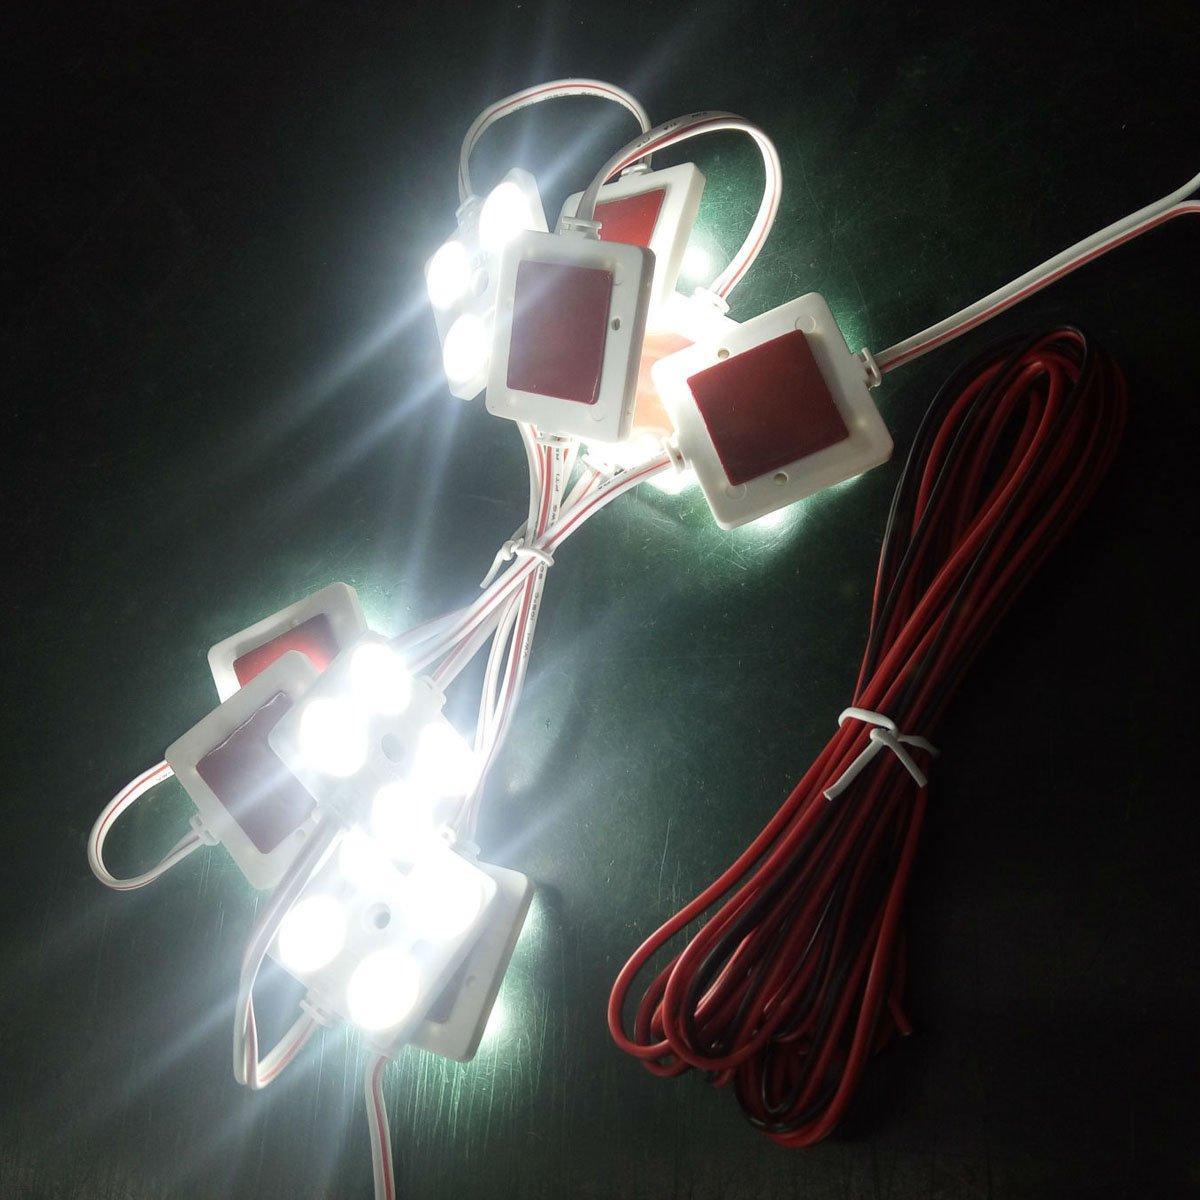 WINOMO Auto Interni della lettura della luce 5050/SMD 40/LED Lights Impermeabile LED Module per LWB Van Trailer Boote